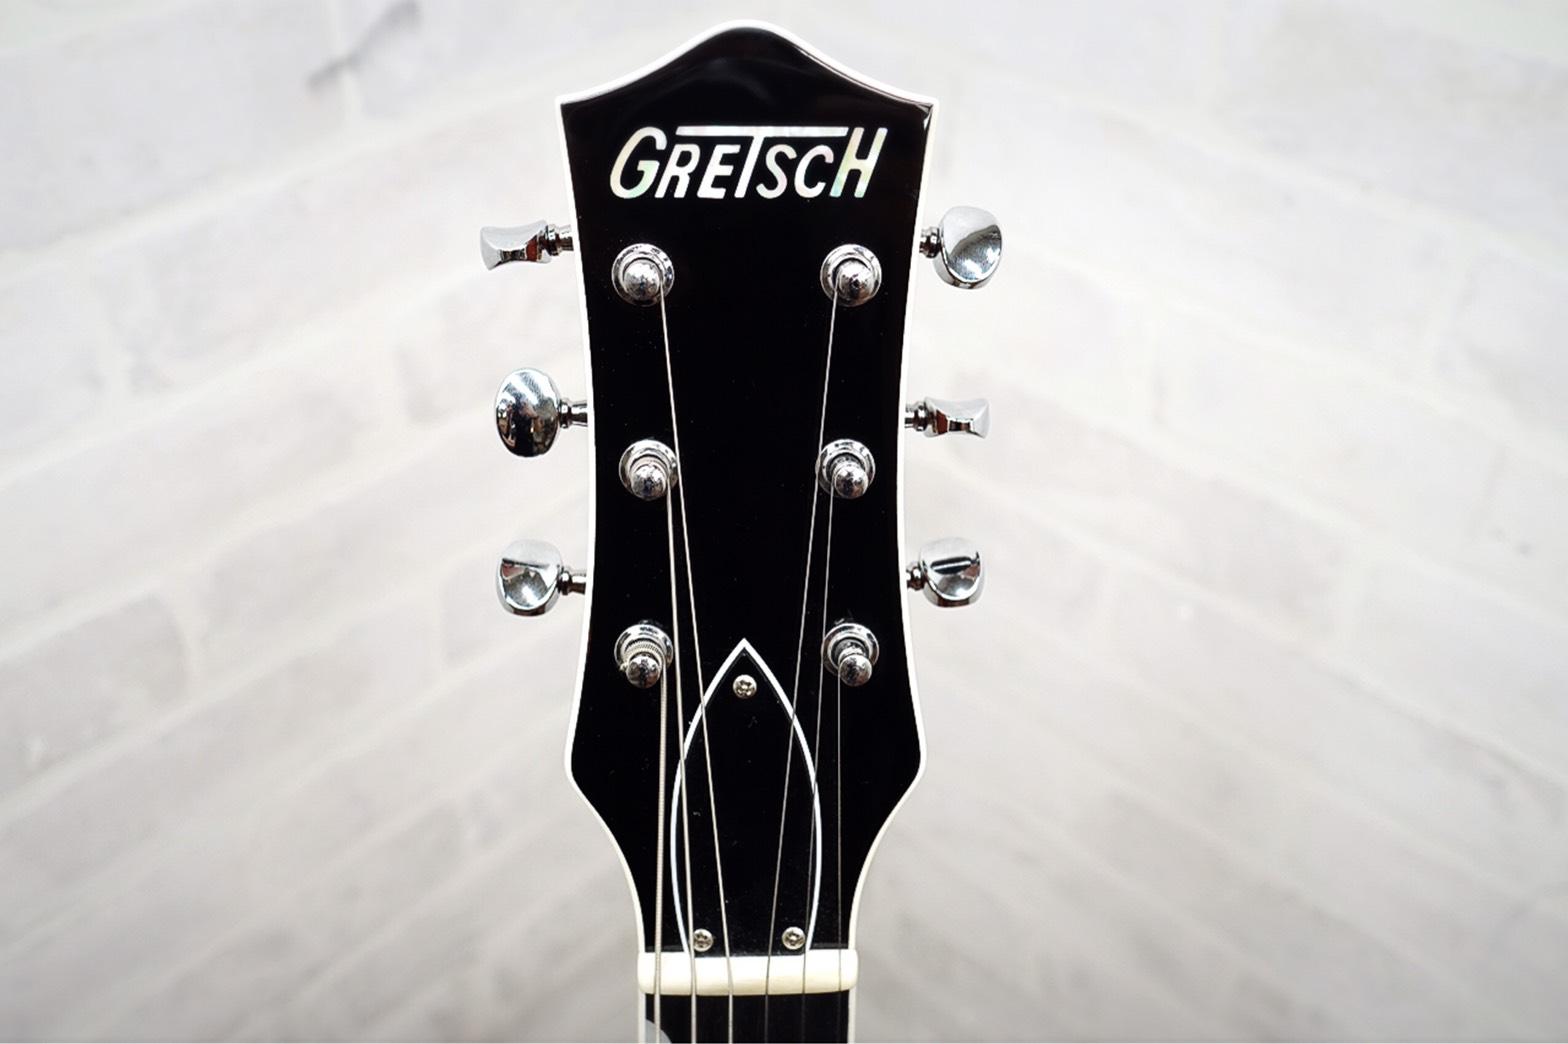 Gretschグレッチ Duo Jetデュオジェット3